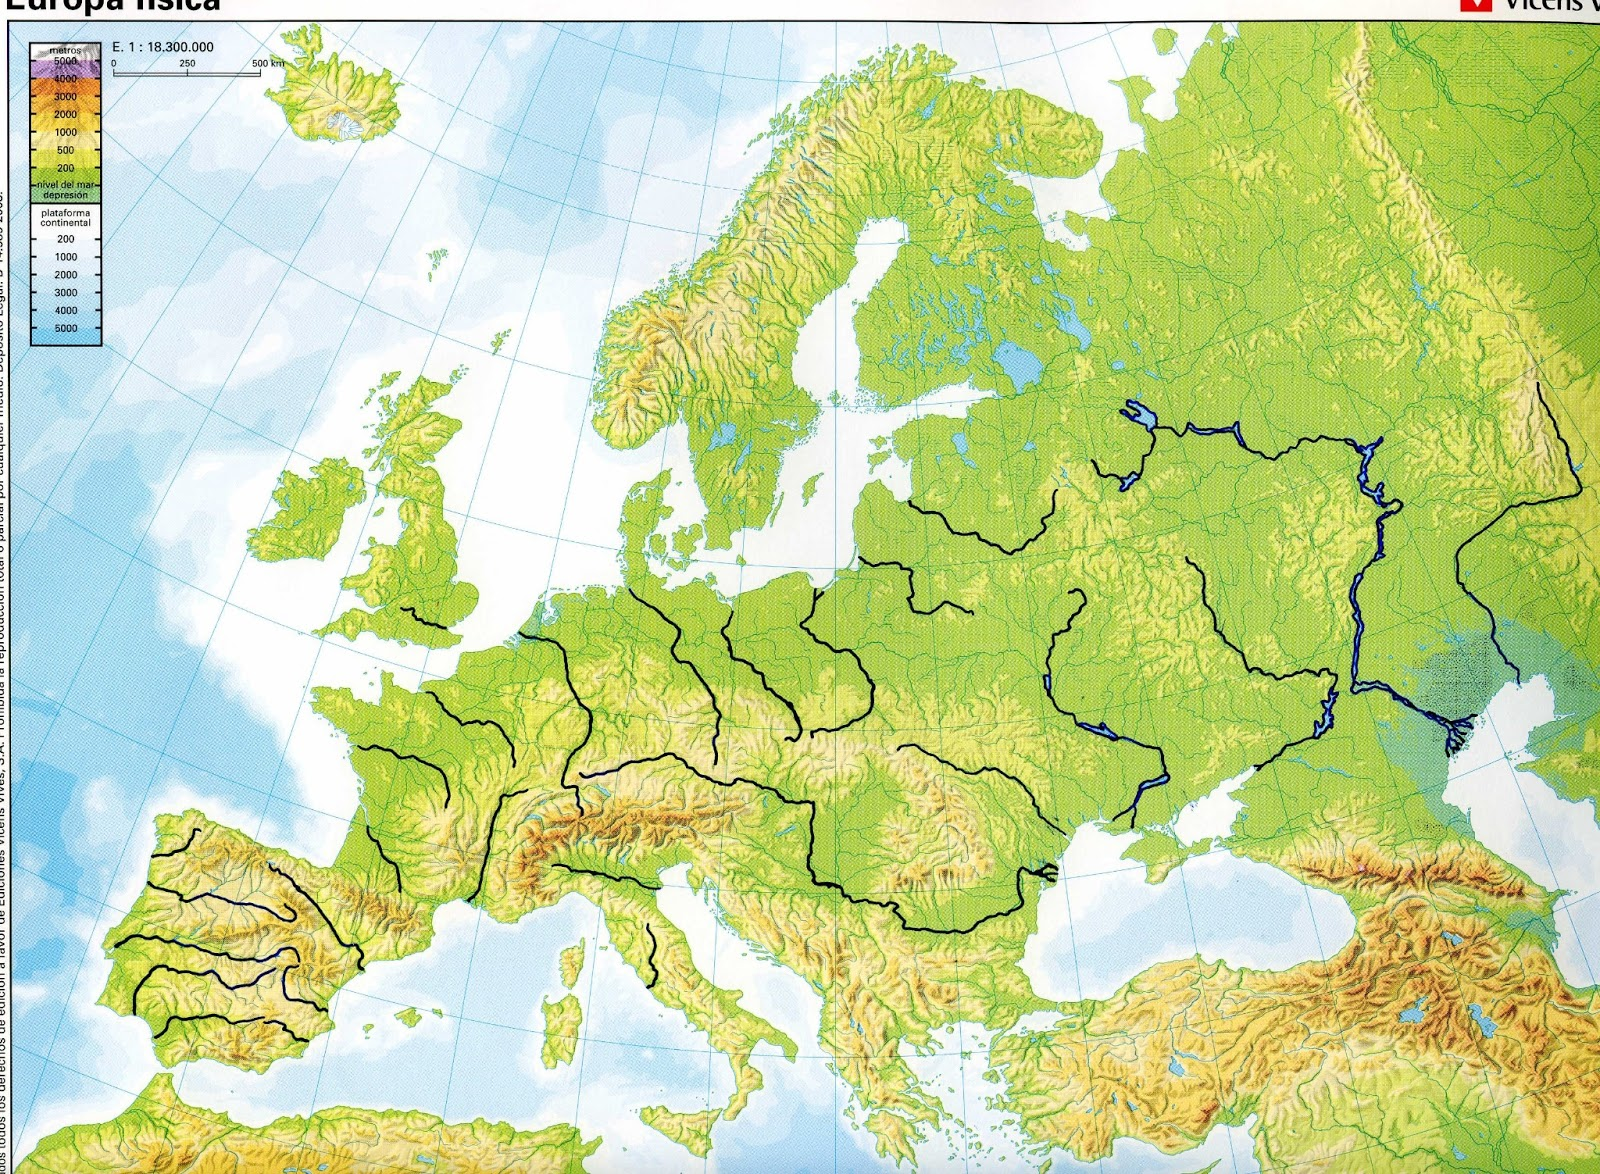 australia map physical 09e4caf4c84f3ac58c4f9c3944a528b3 euro fis